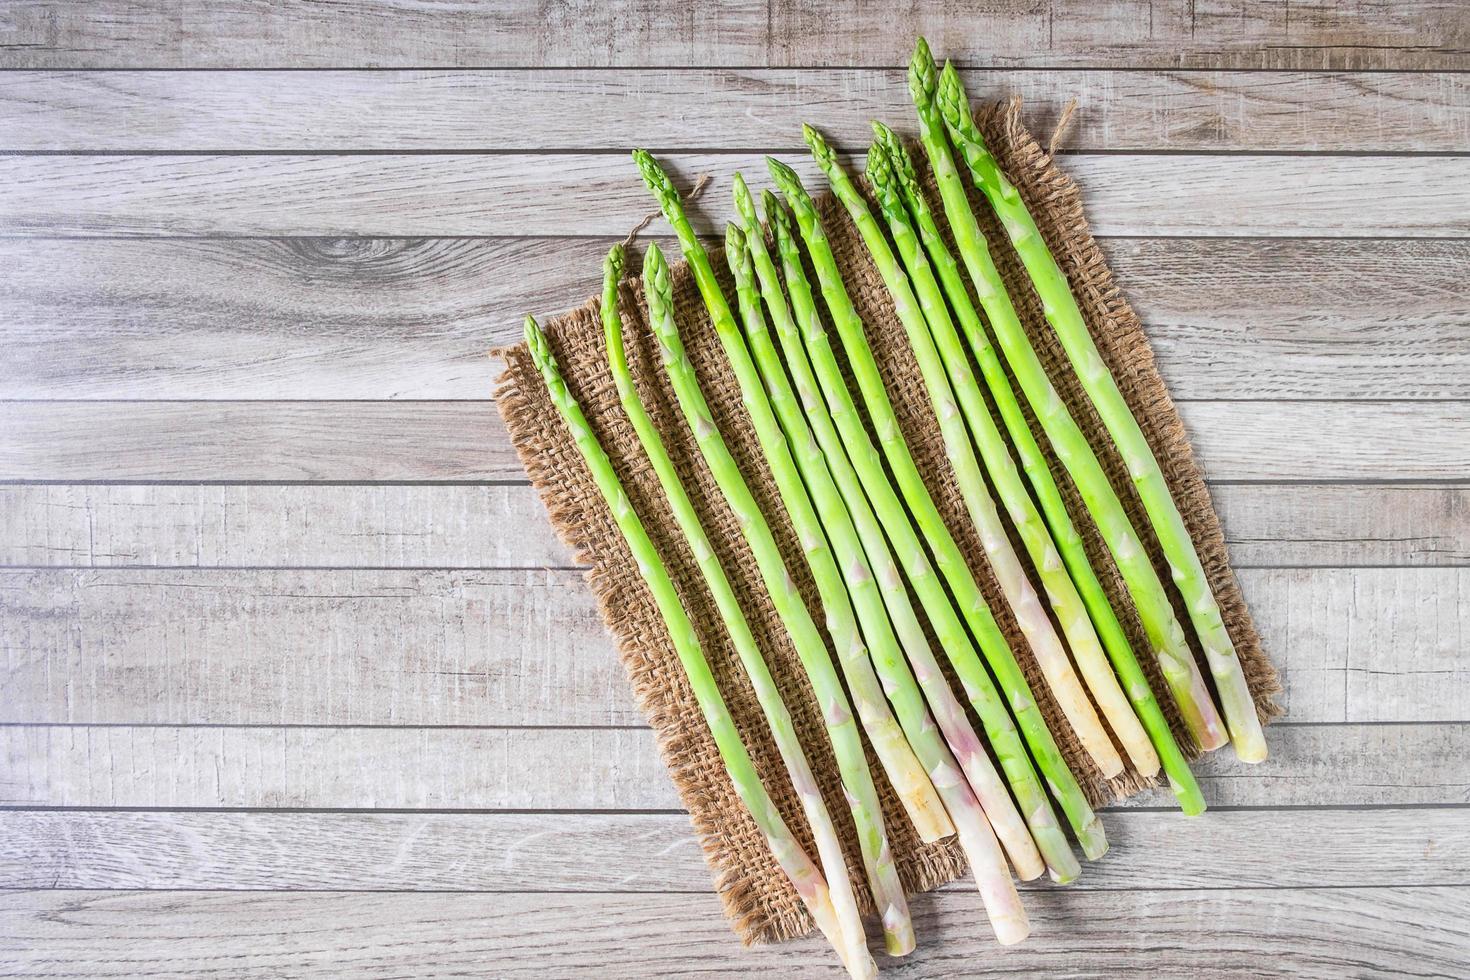 asparagi freschi con un panno di tela foto